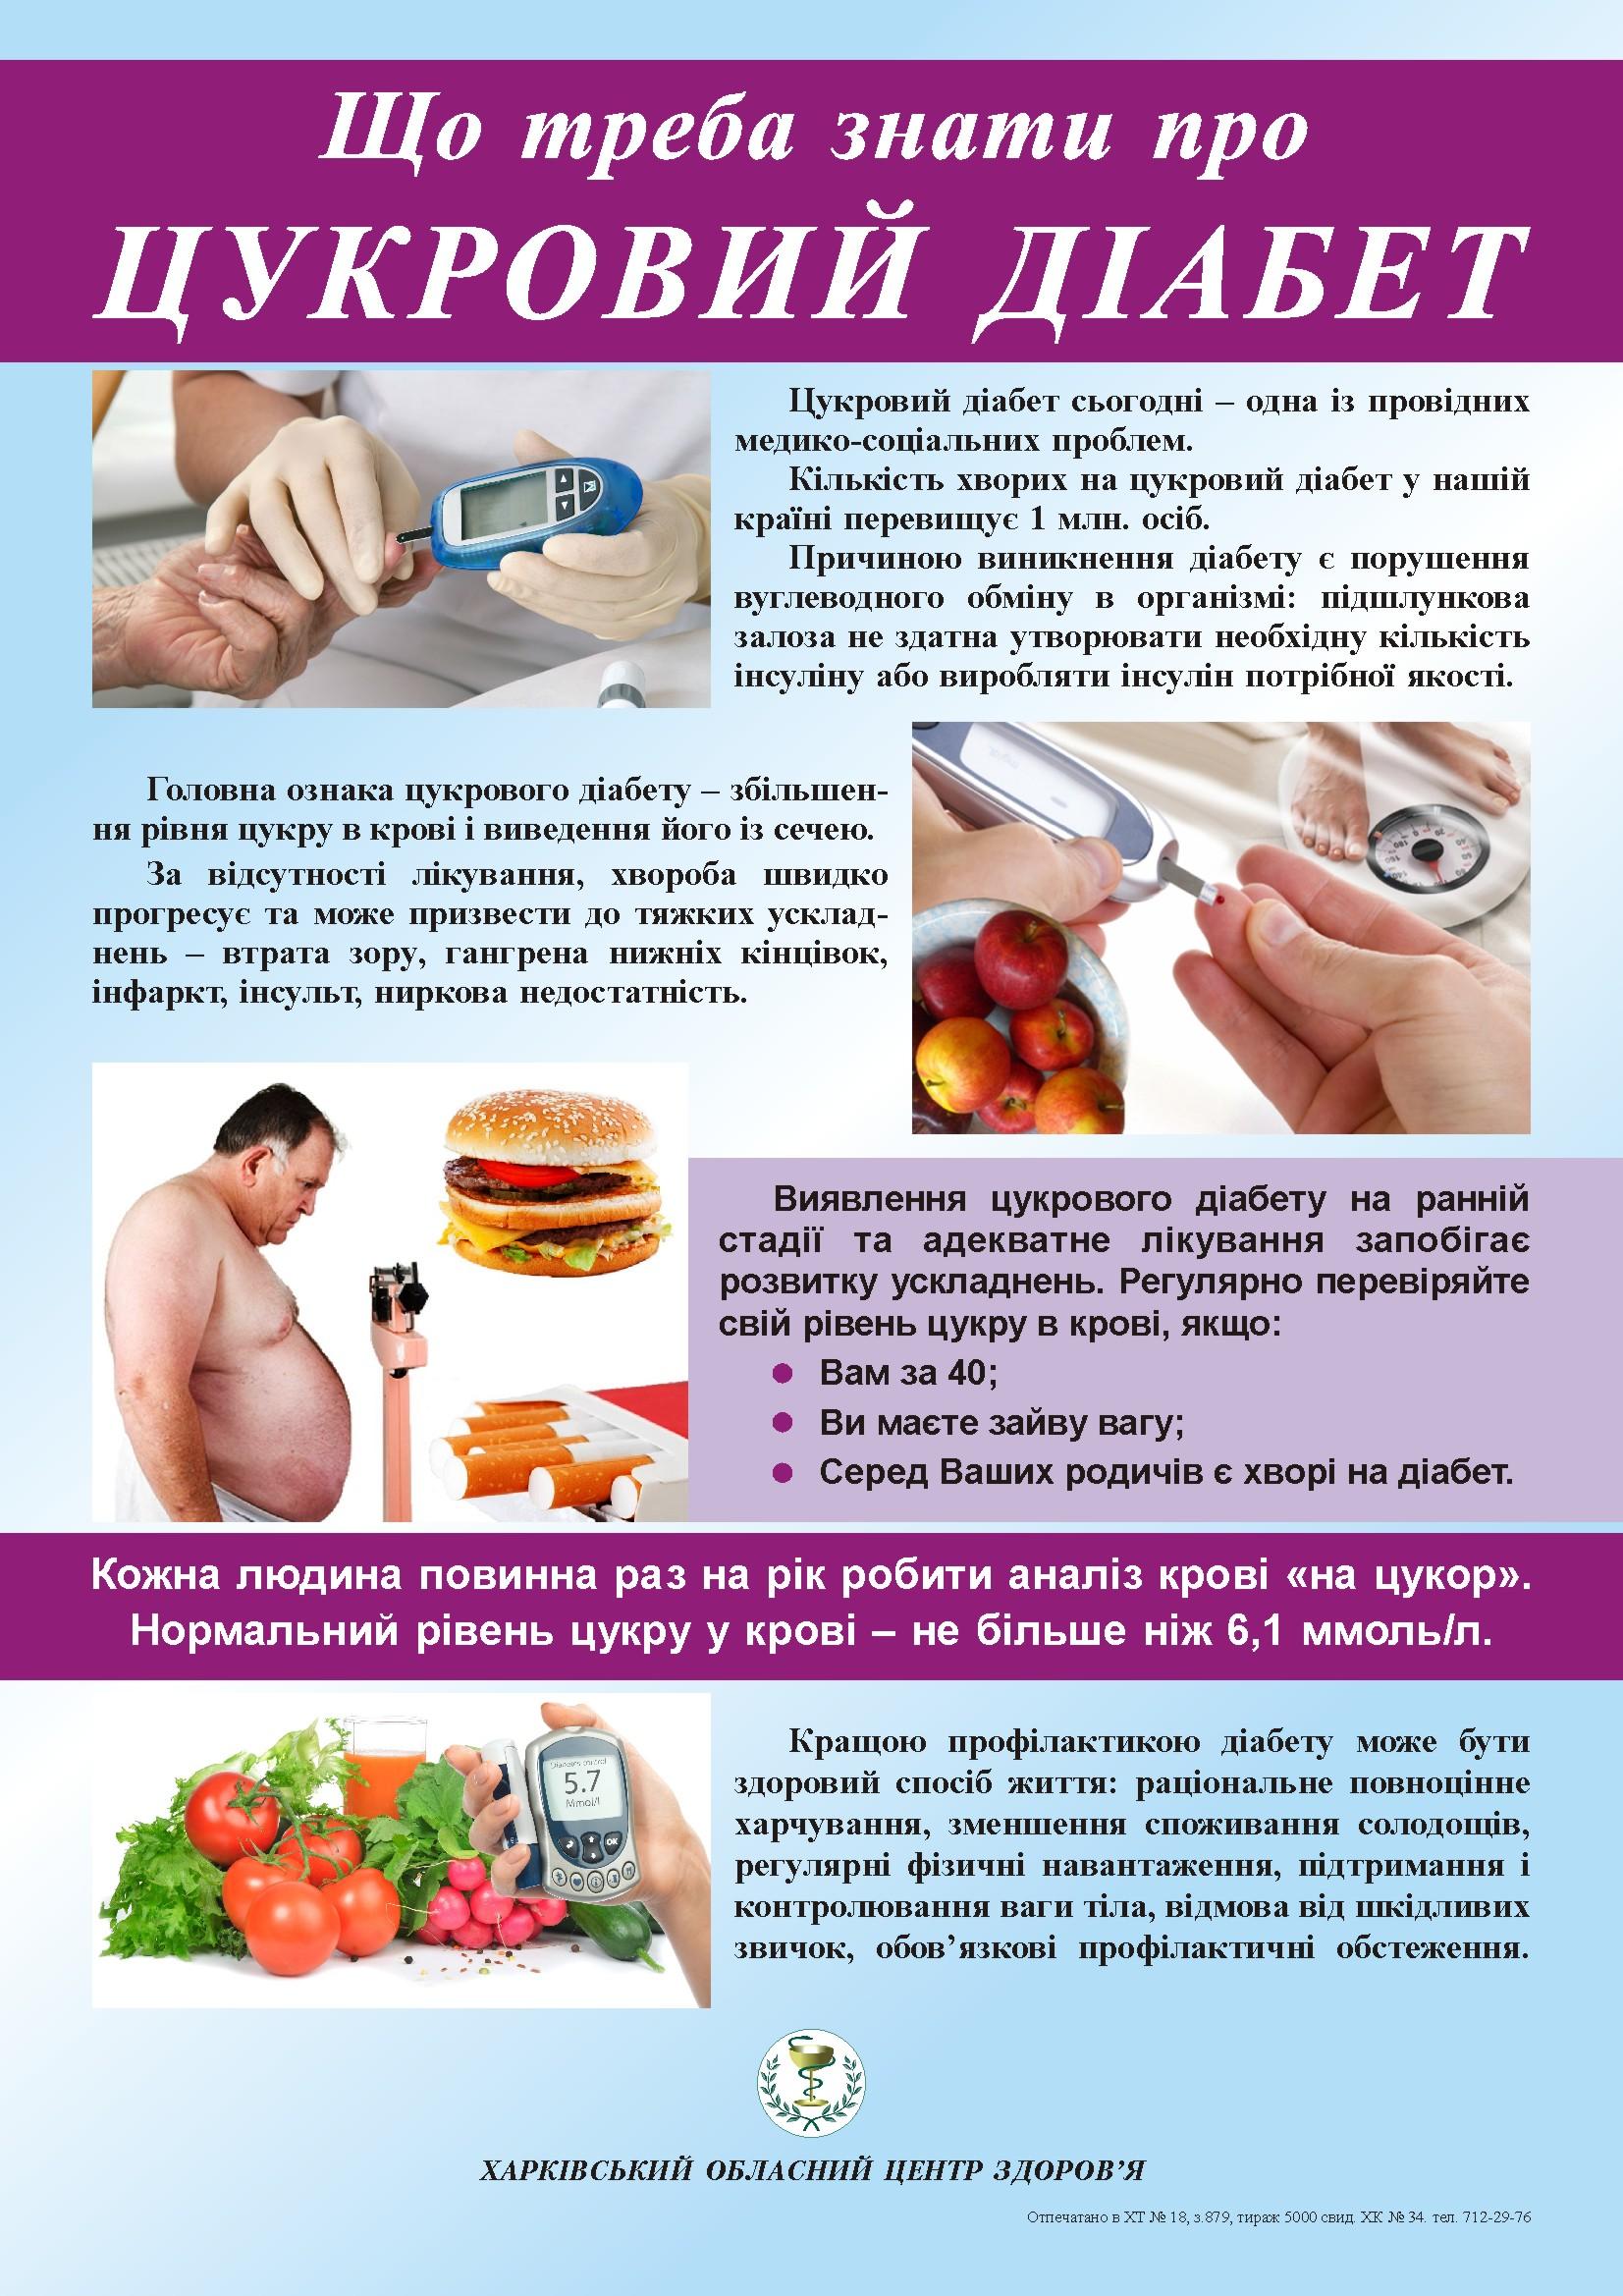 Цукровий диабет